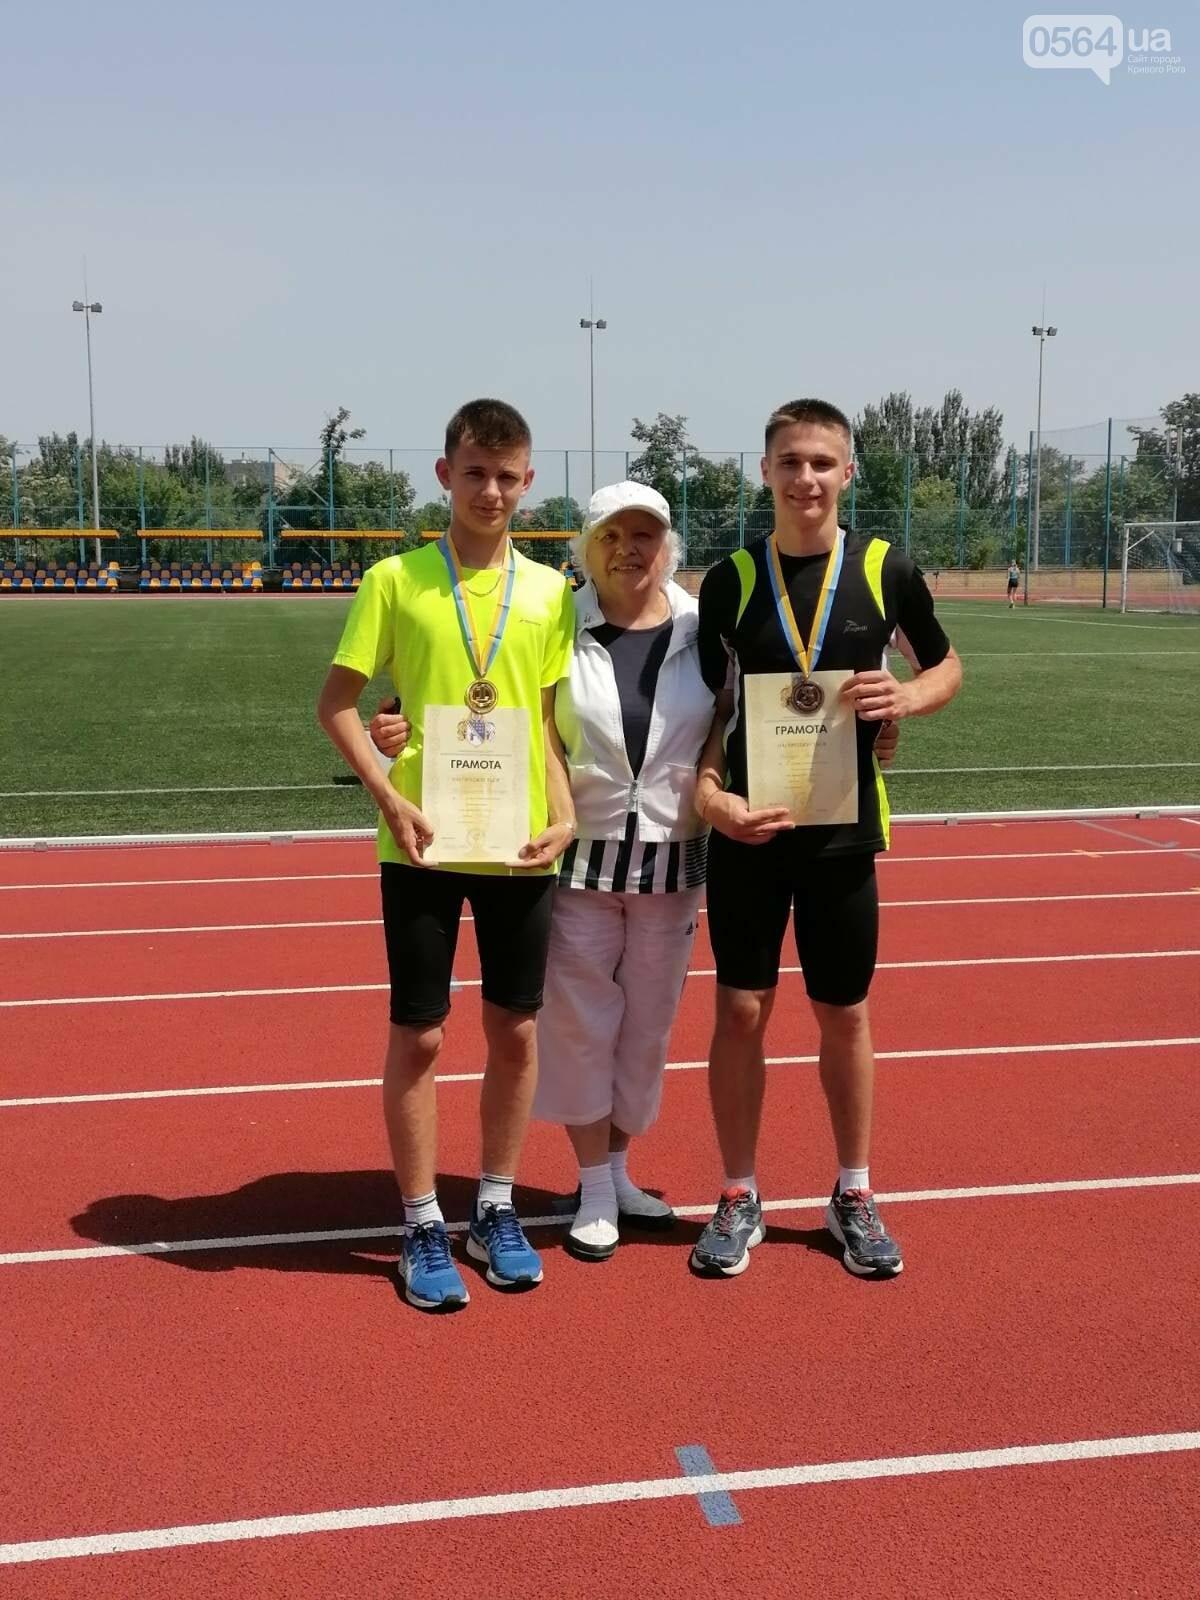 Криворожские легкоатлеты привезли медали с областного Чемпионата, - ФОТО , фото-2